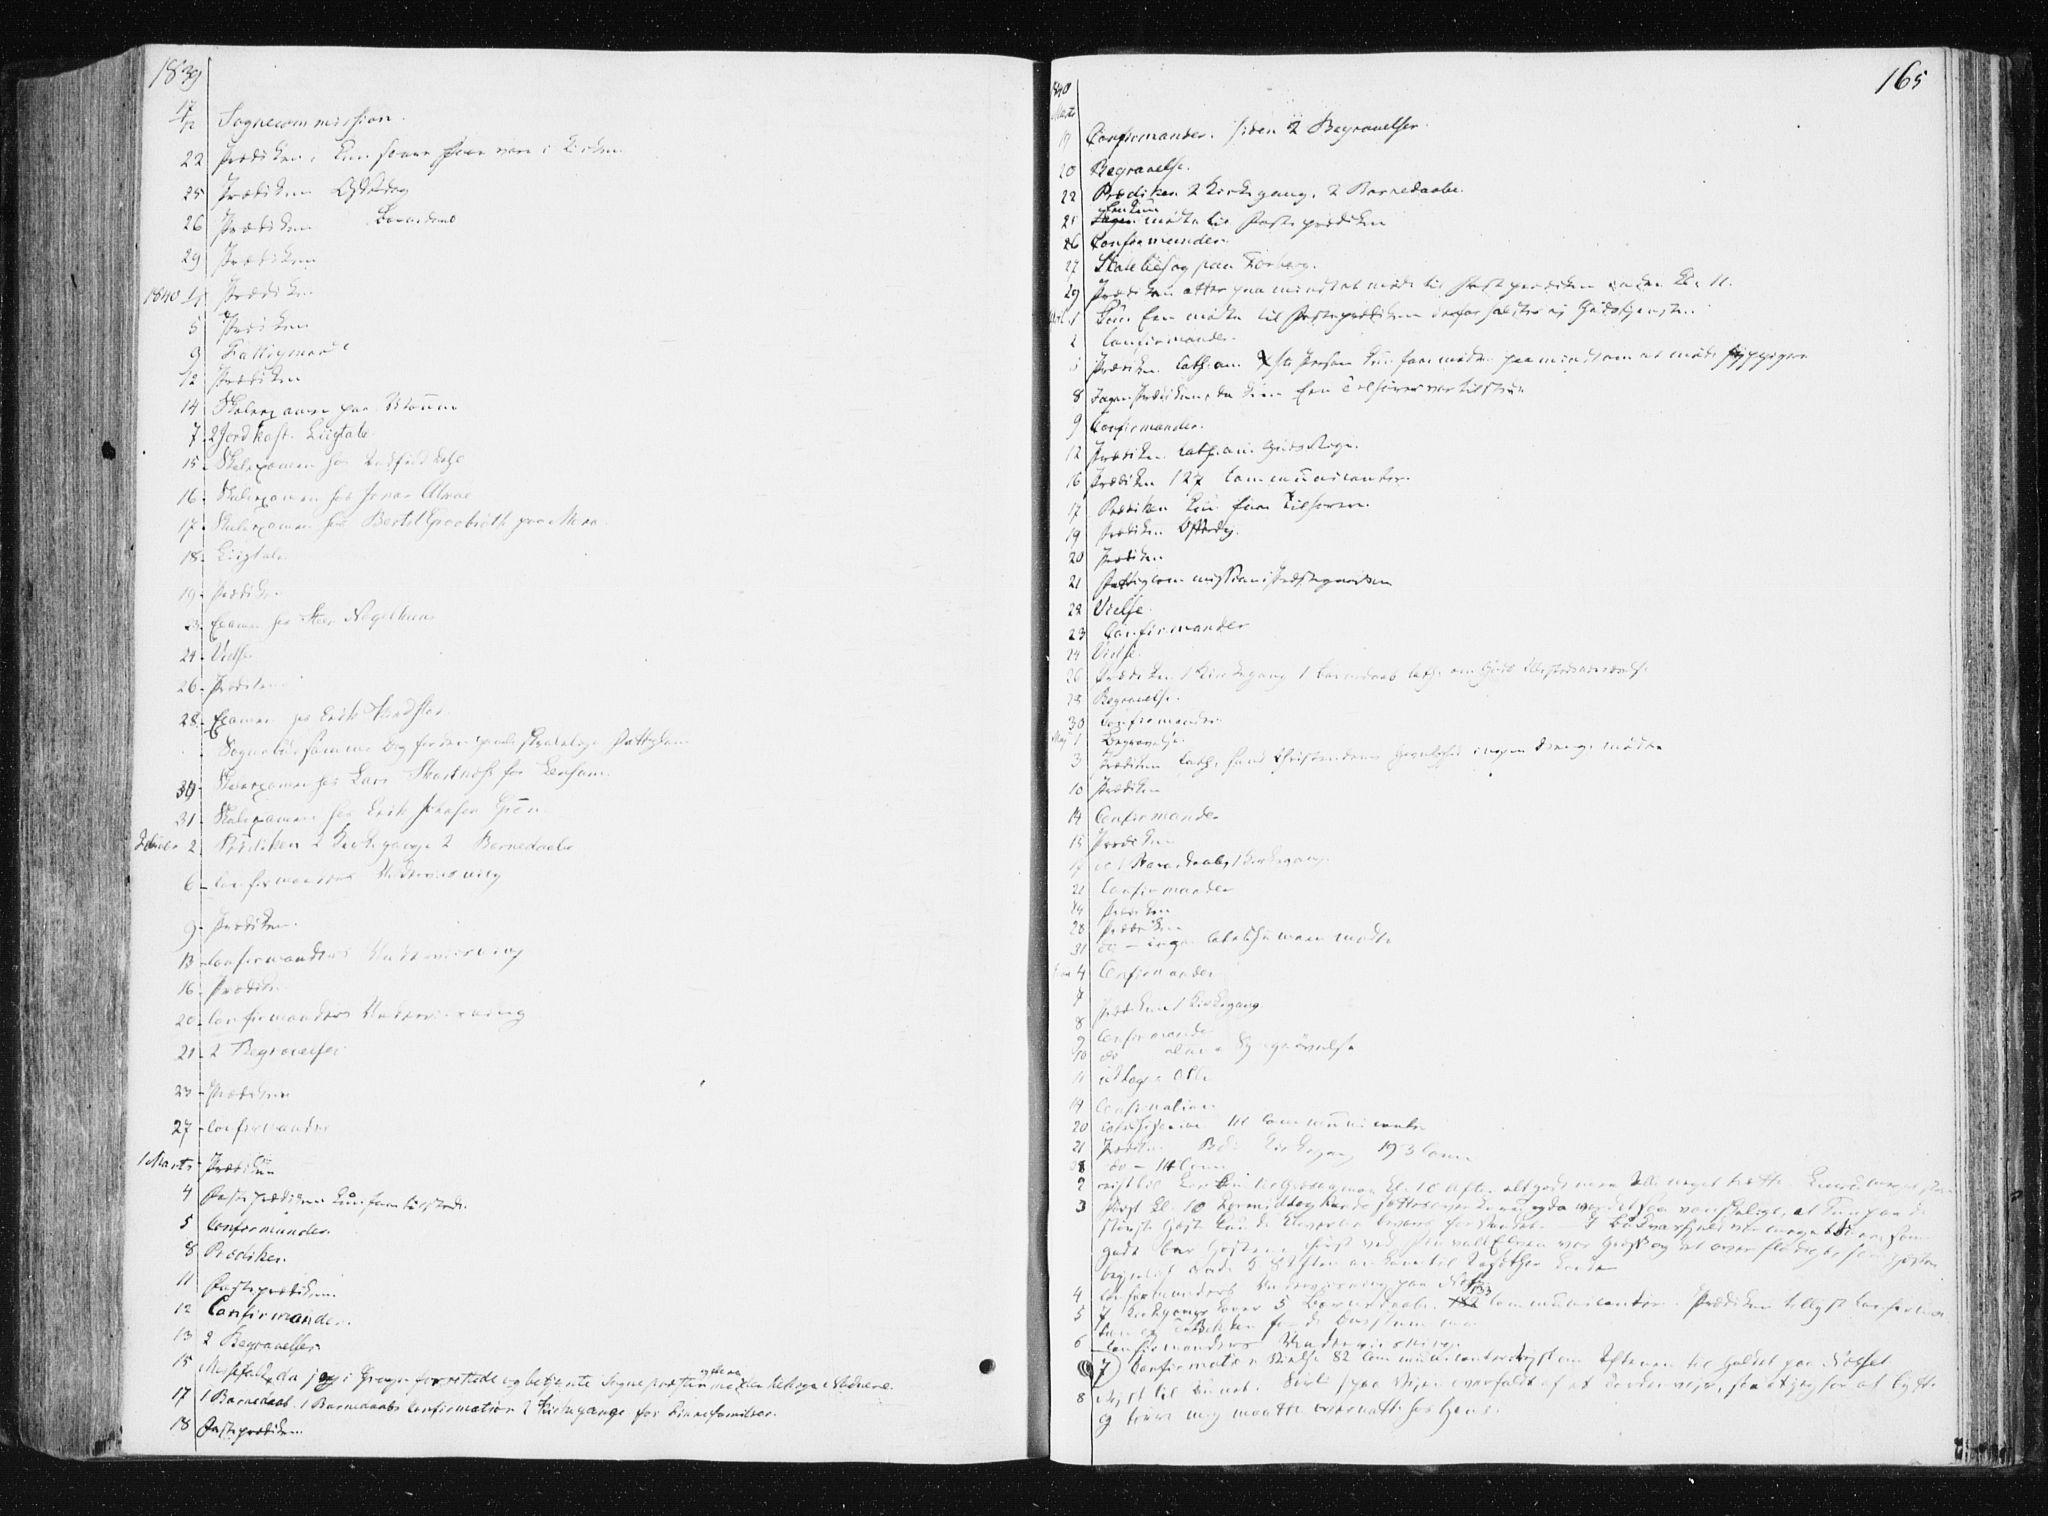 SAT, Ministerialprotokoller, klokkerbøker og fødselsregistre - Nord-Trøndelag, 749/L0470: Ministerialbok nr. 749A04, 1834-1853, s. 165